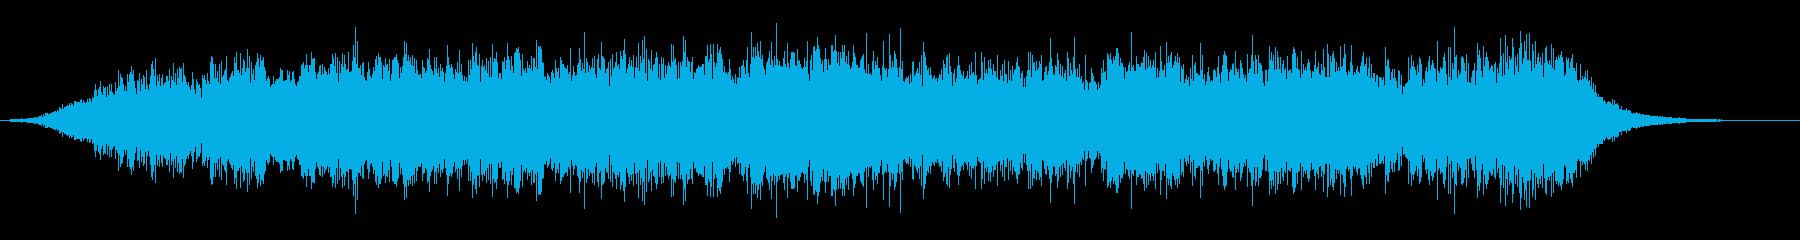 アラビア砂漠の夜(60秒)の再生済みの波形